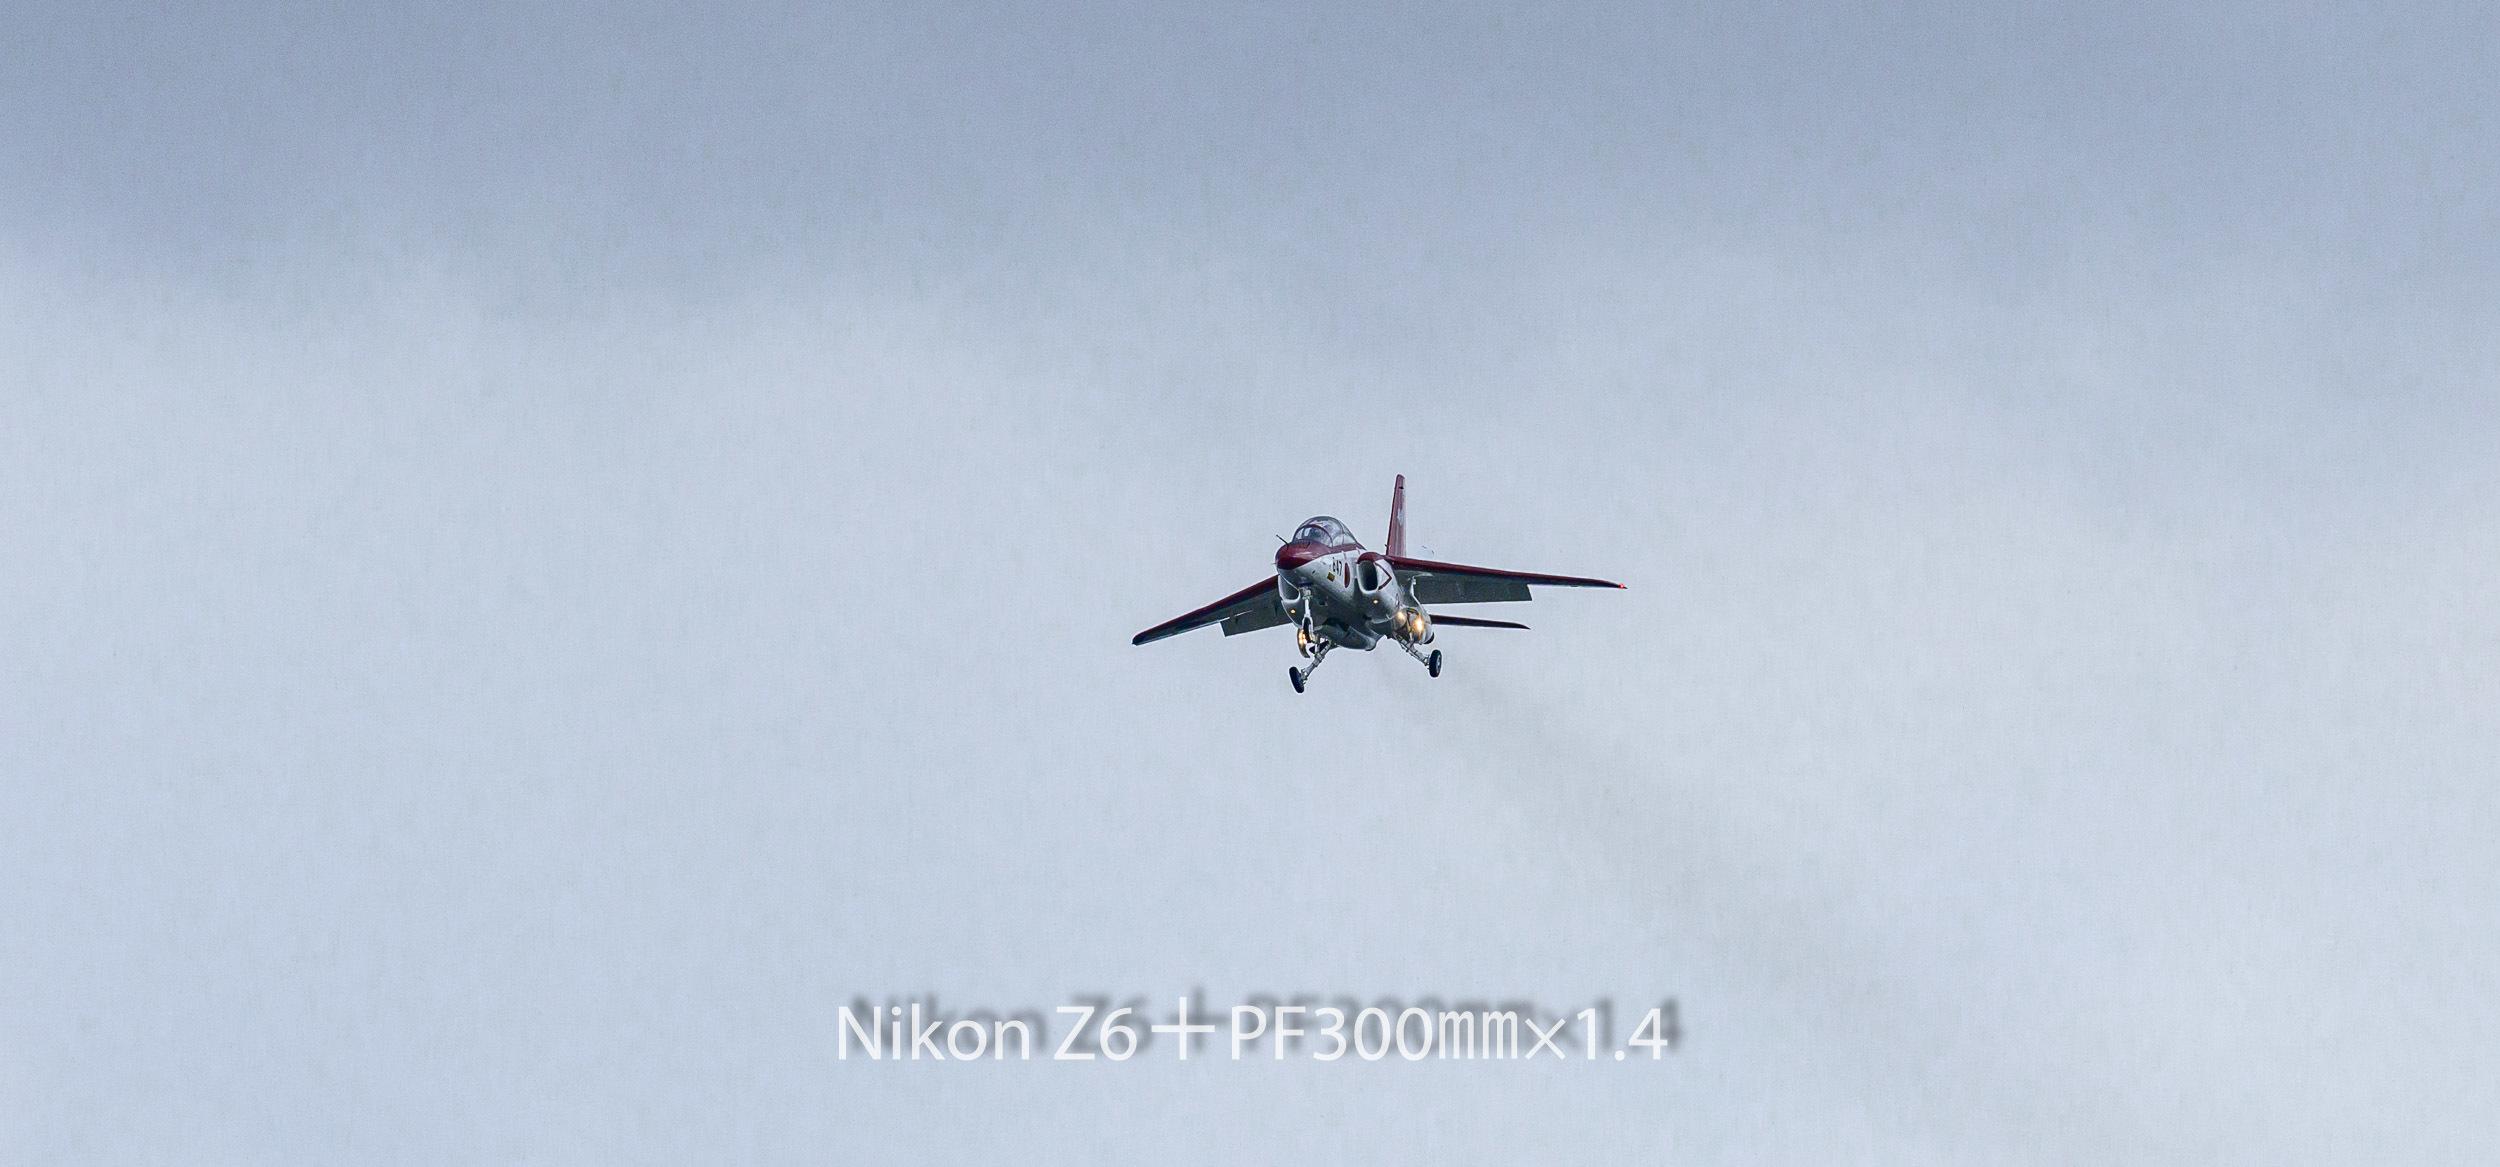 191008 ジェット練習機-24 NIKON Z 6 ISO 640 420 mm 4367 x 2038